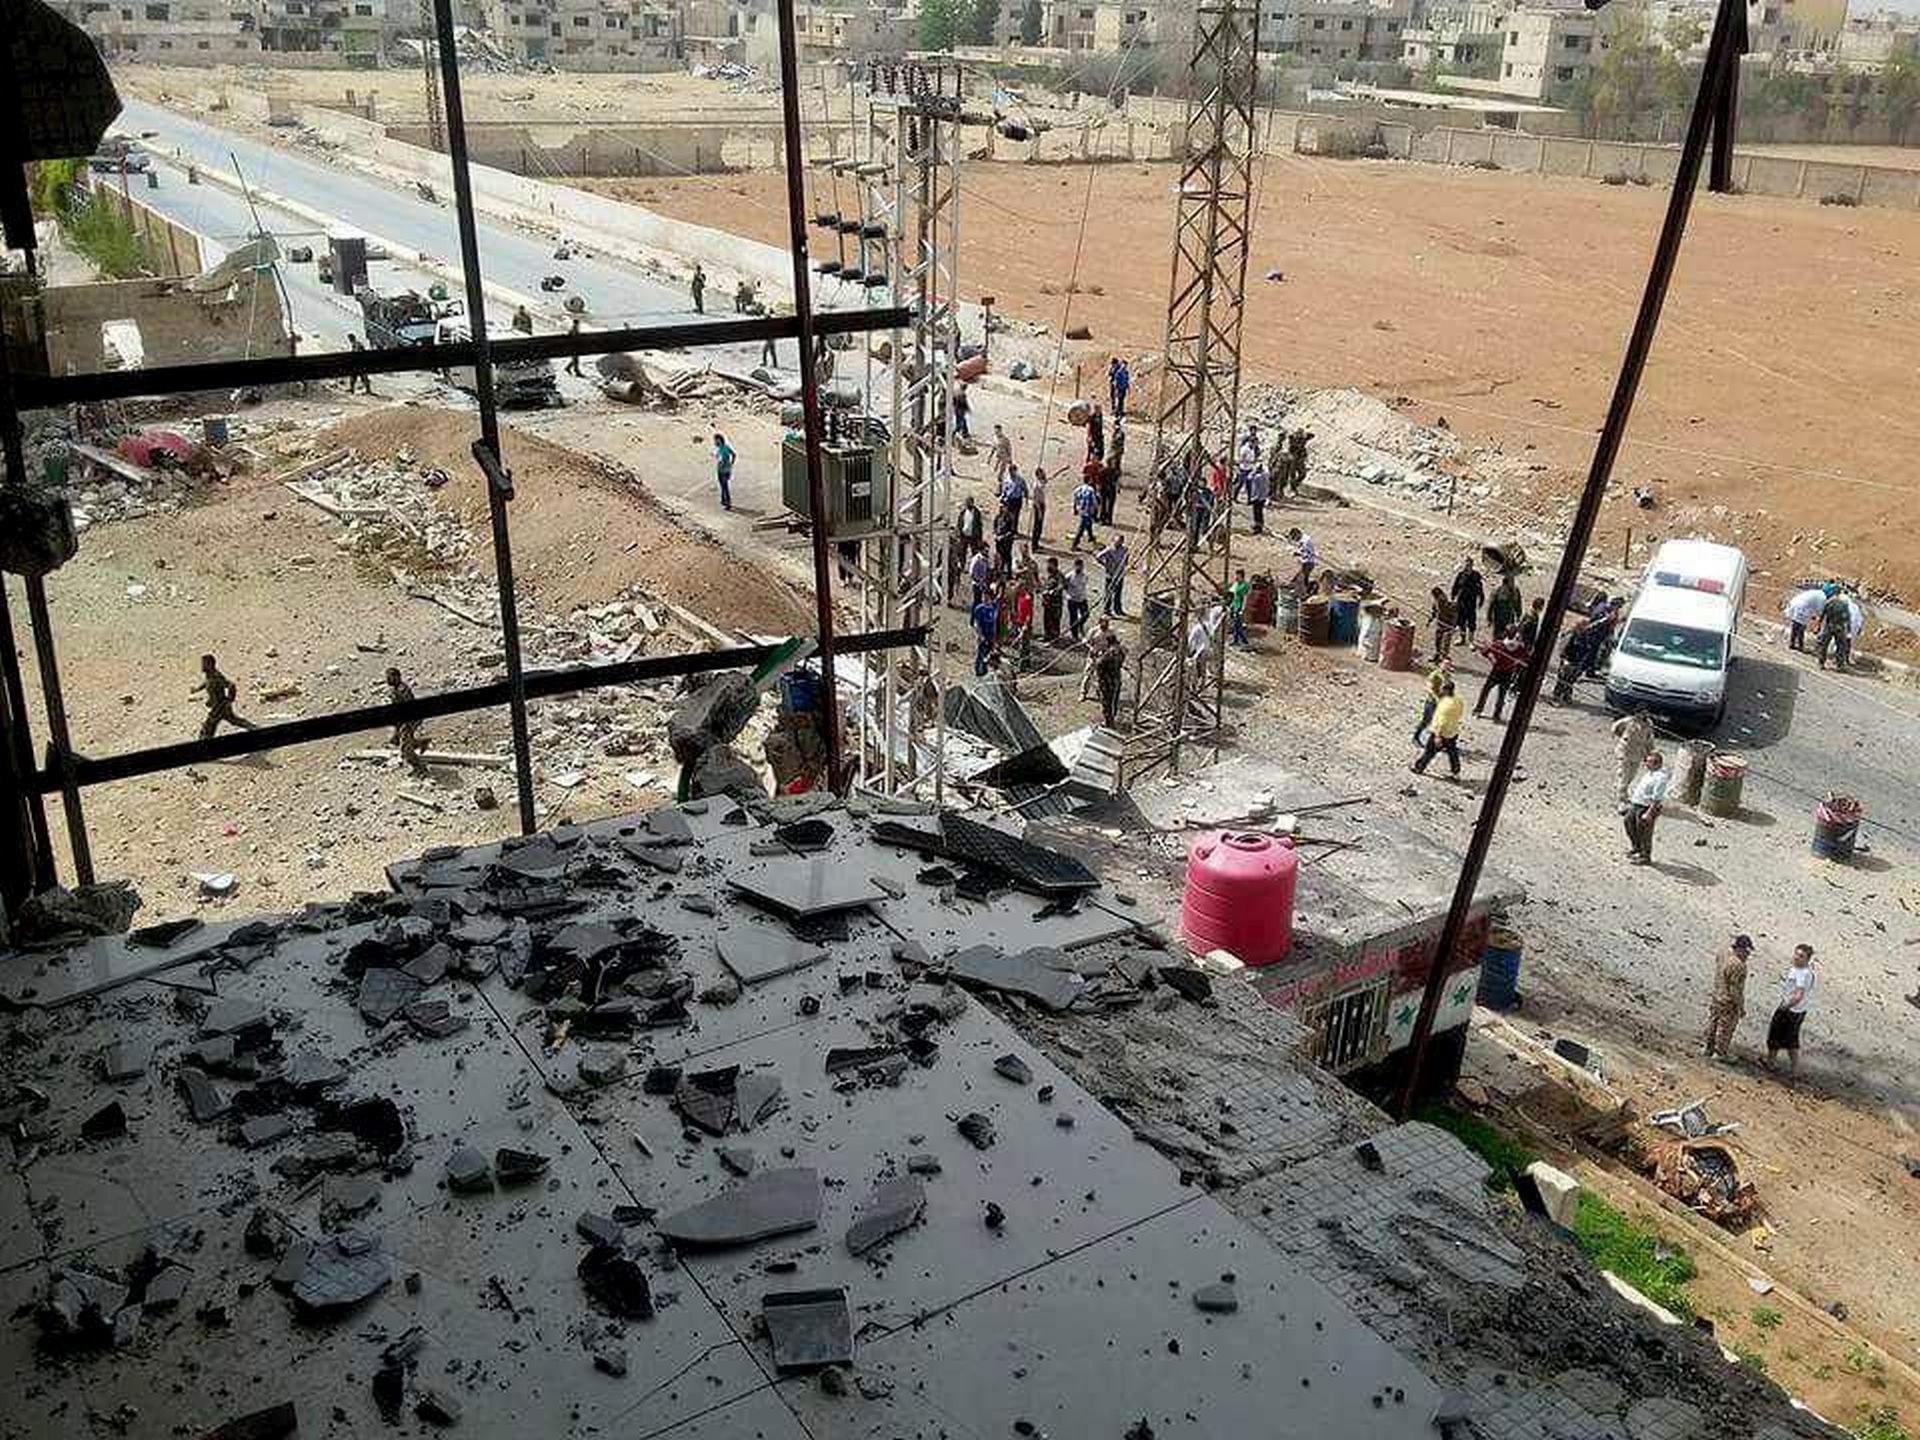 ZRAČNI NAPADI: U Idlibu ubijeno najmanje 16 boraca Fronte al Nusra